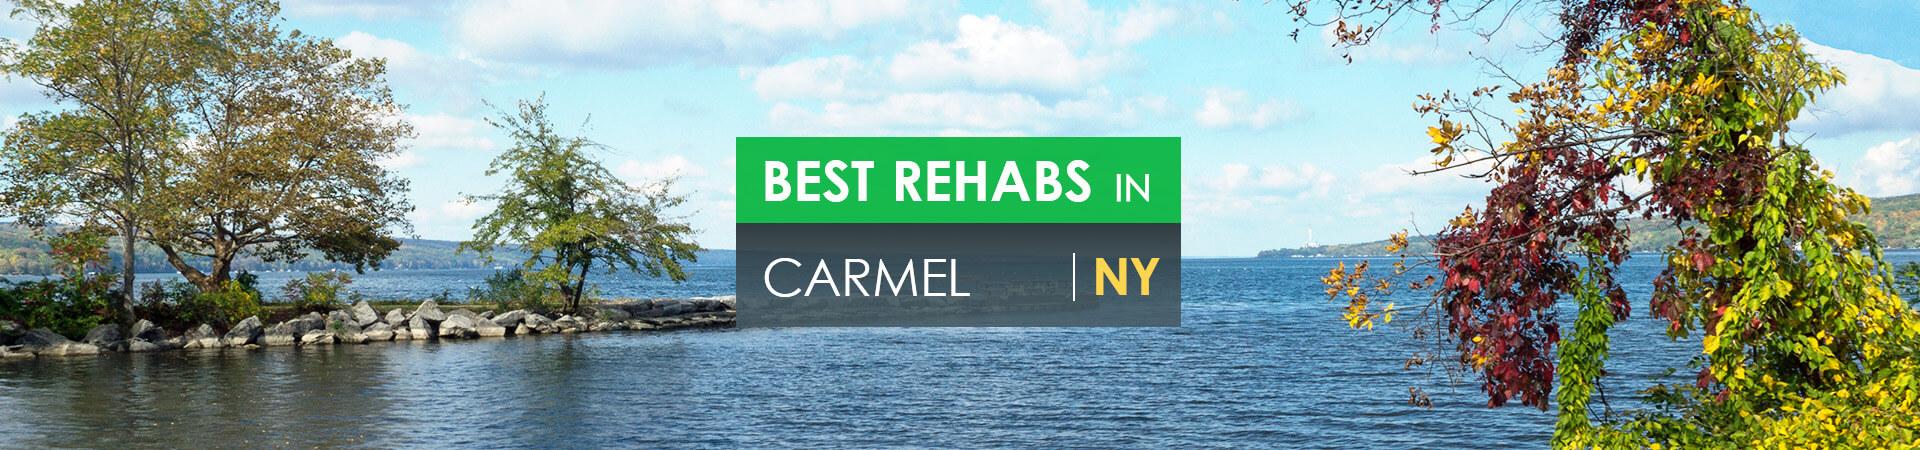 Best rehabs in Carmel, NY